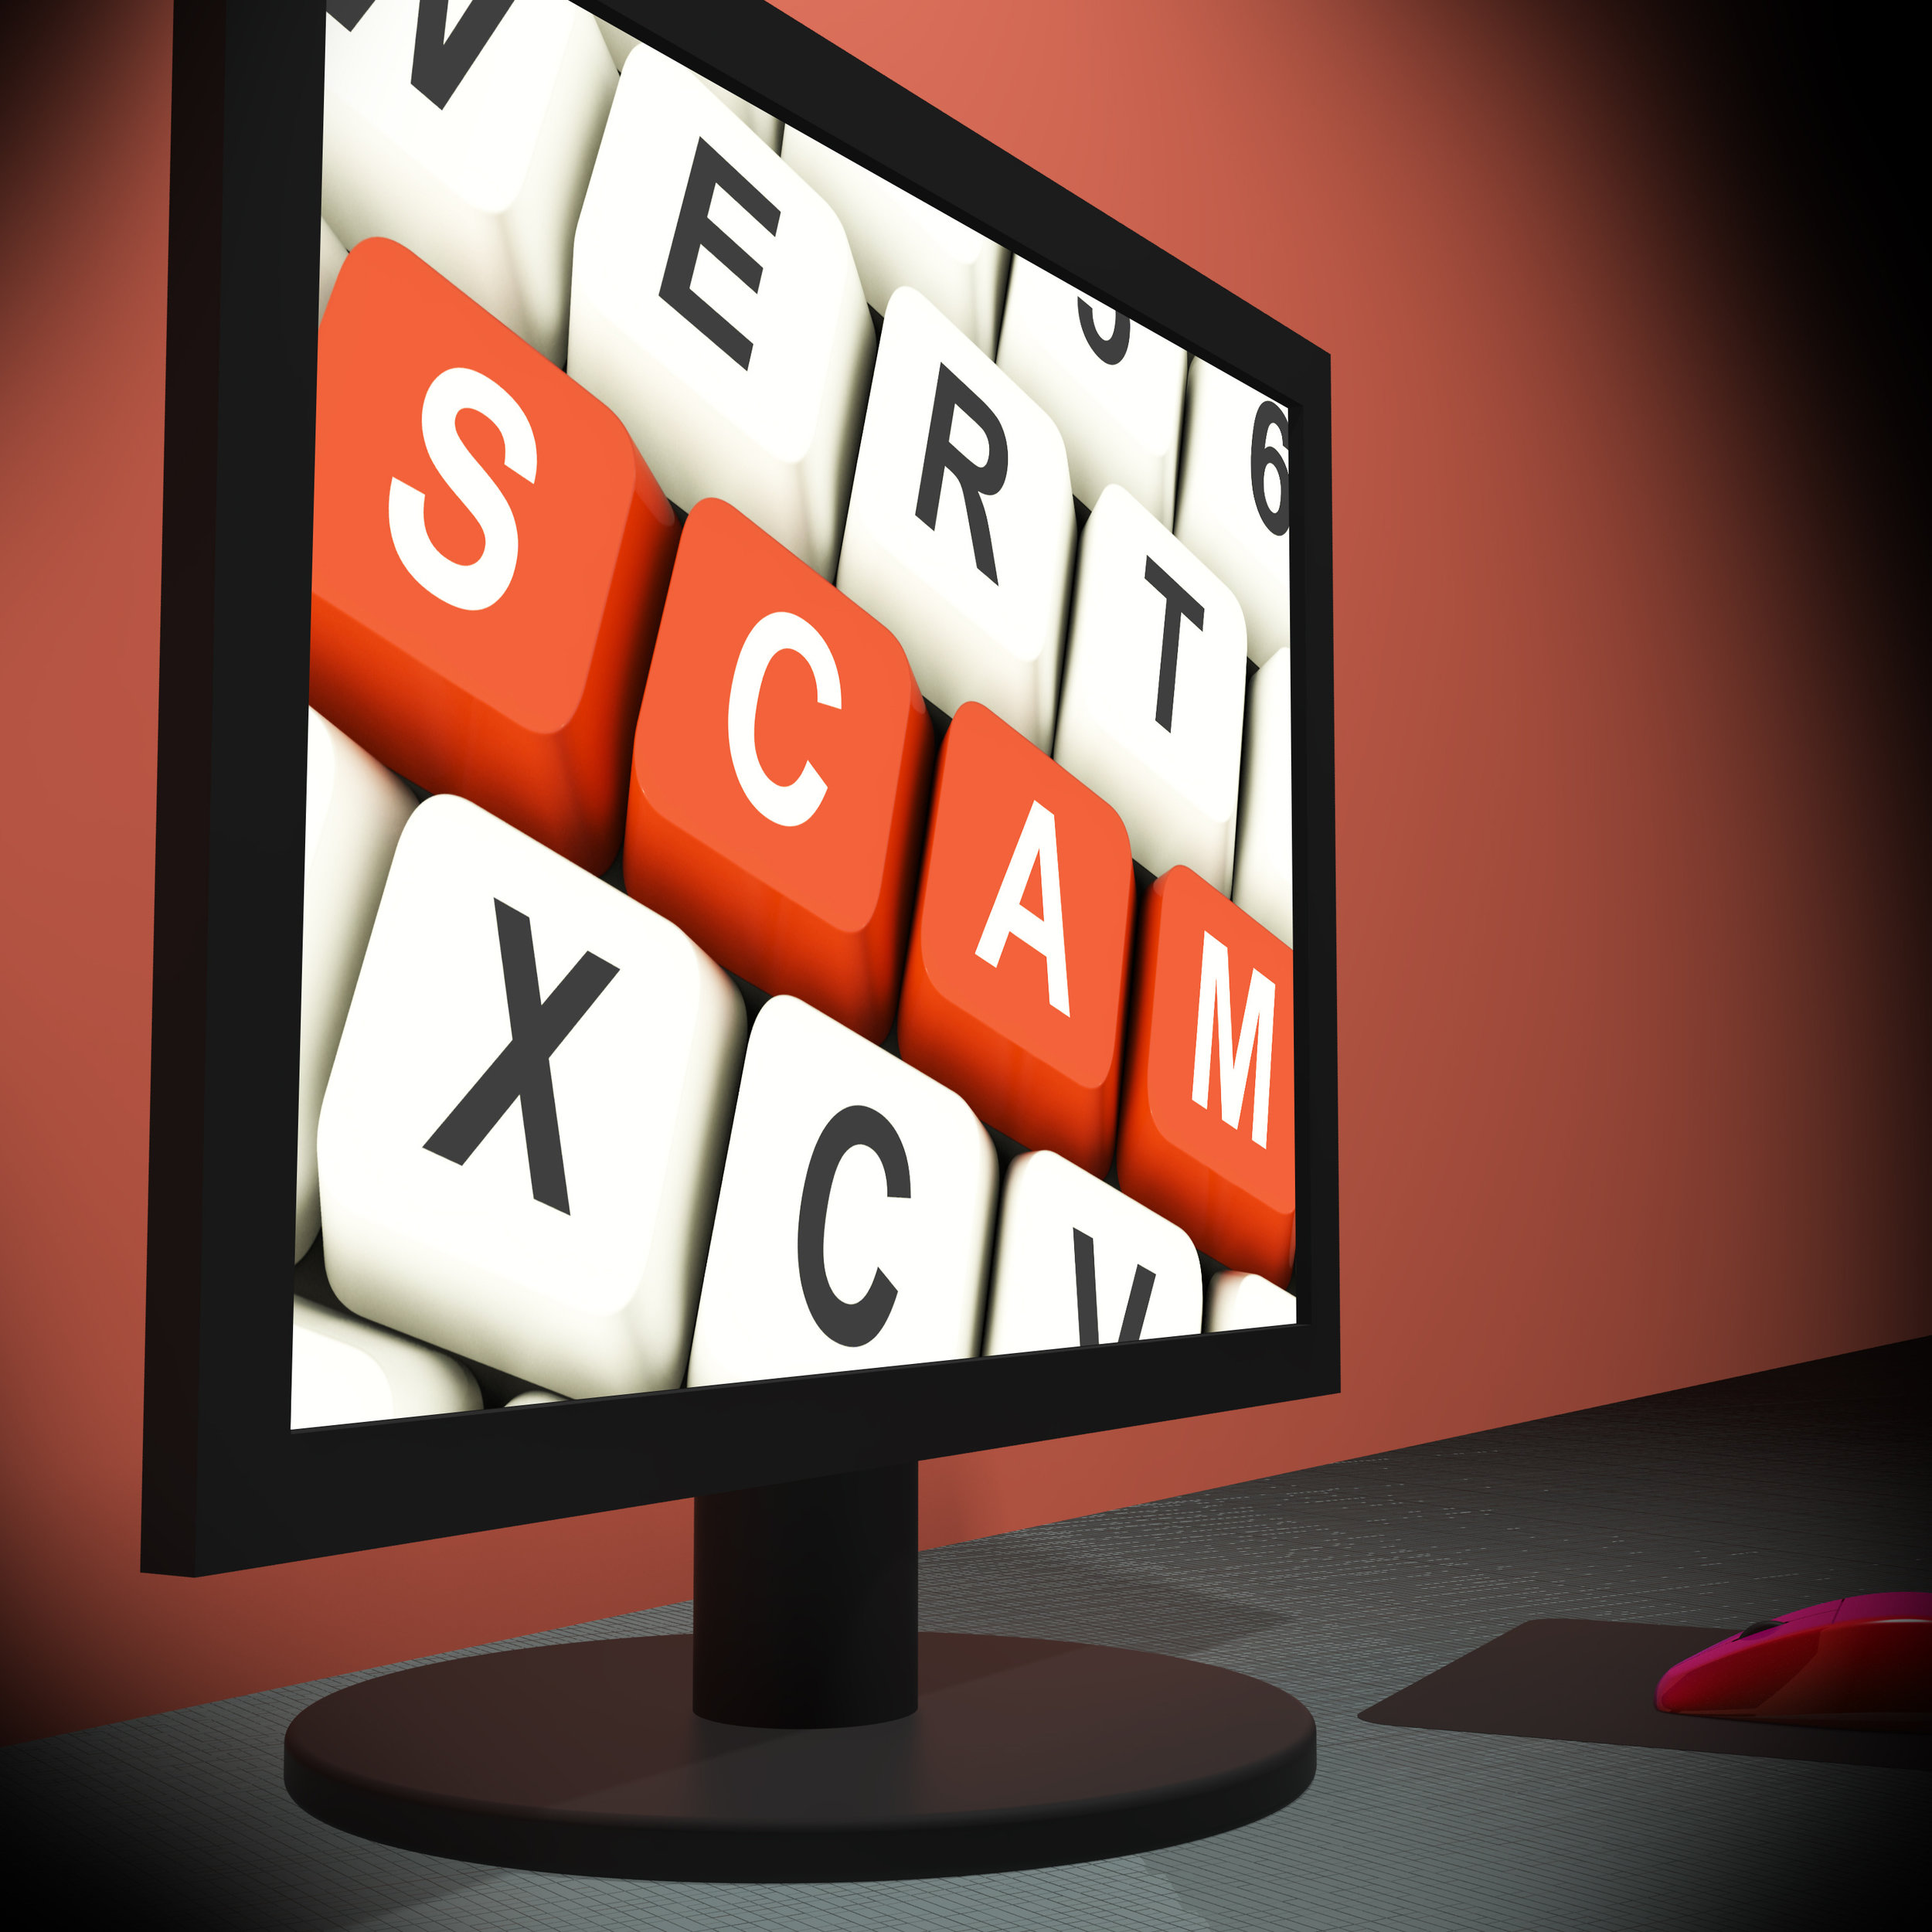 scam-on-monitor-showing-schemes_M1XhvfD_.jpg